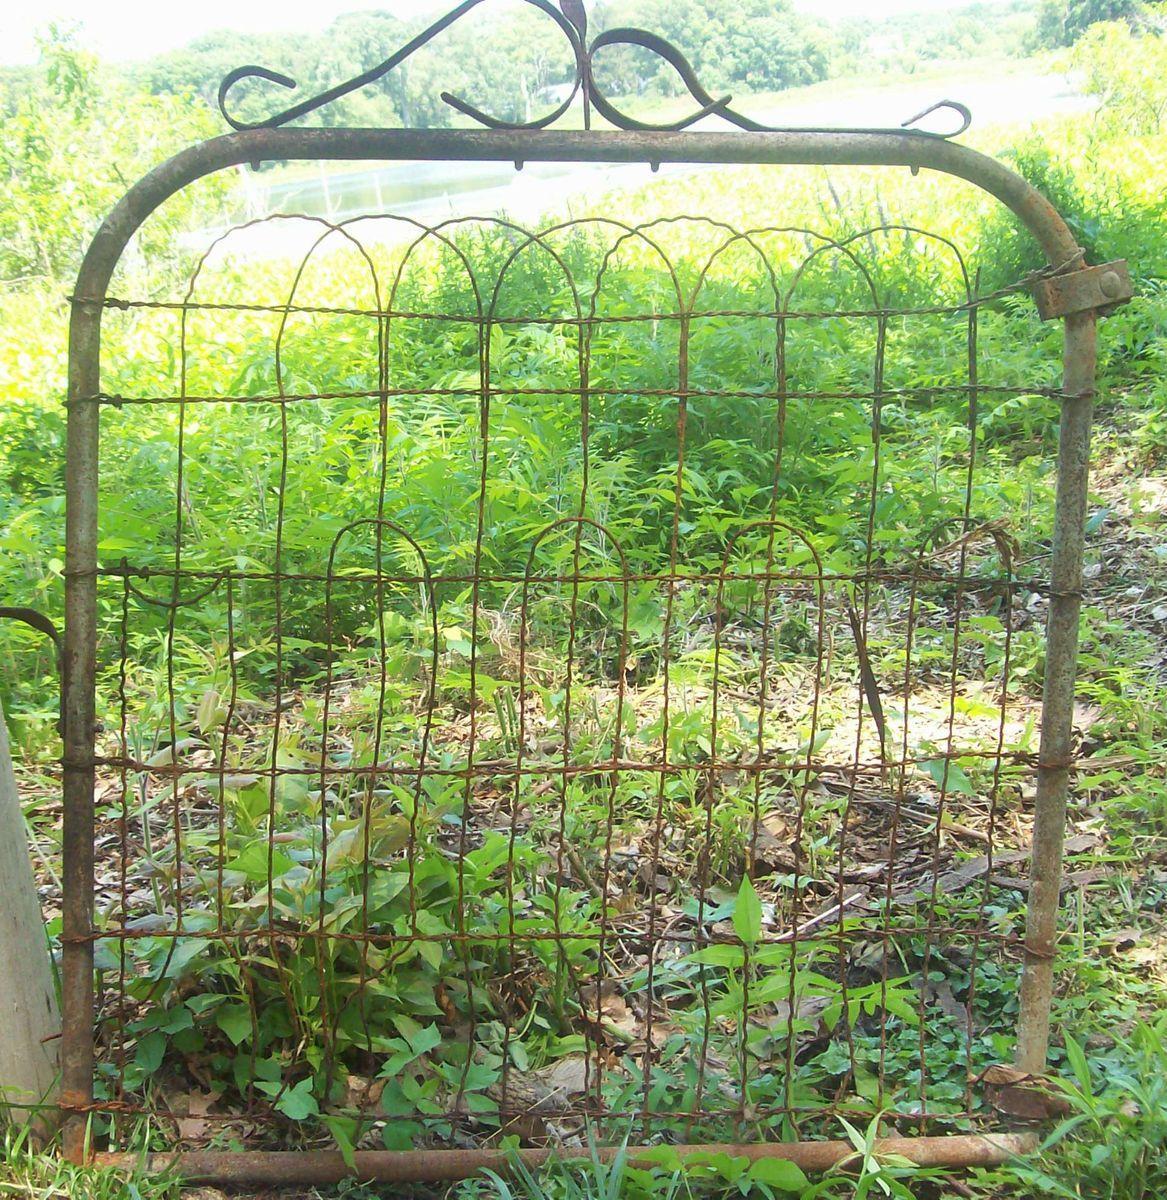 Antique Garden Gate Flower Vegetable Trellis Yard Wire Art Primitive